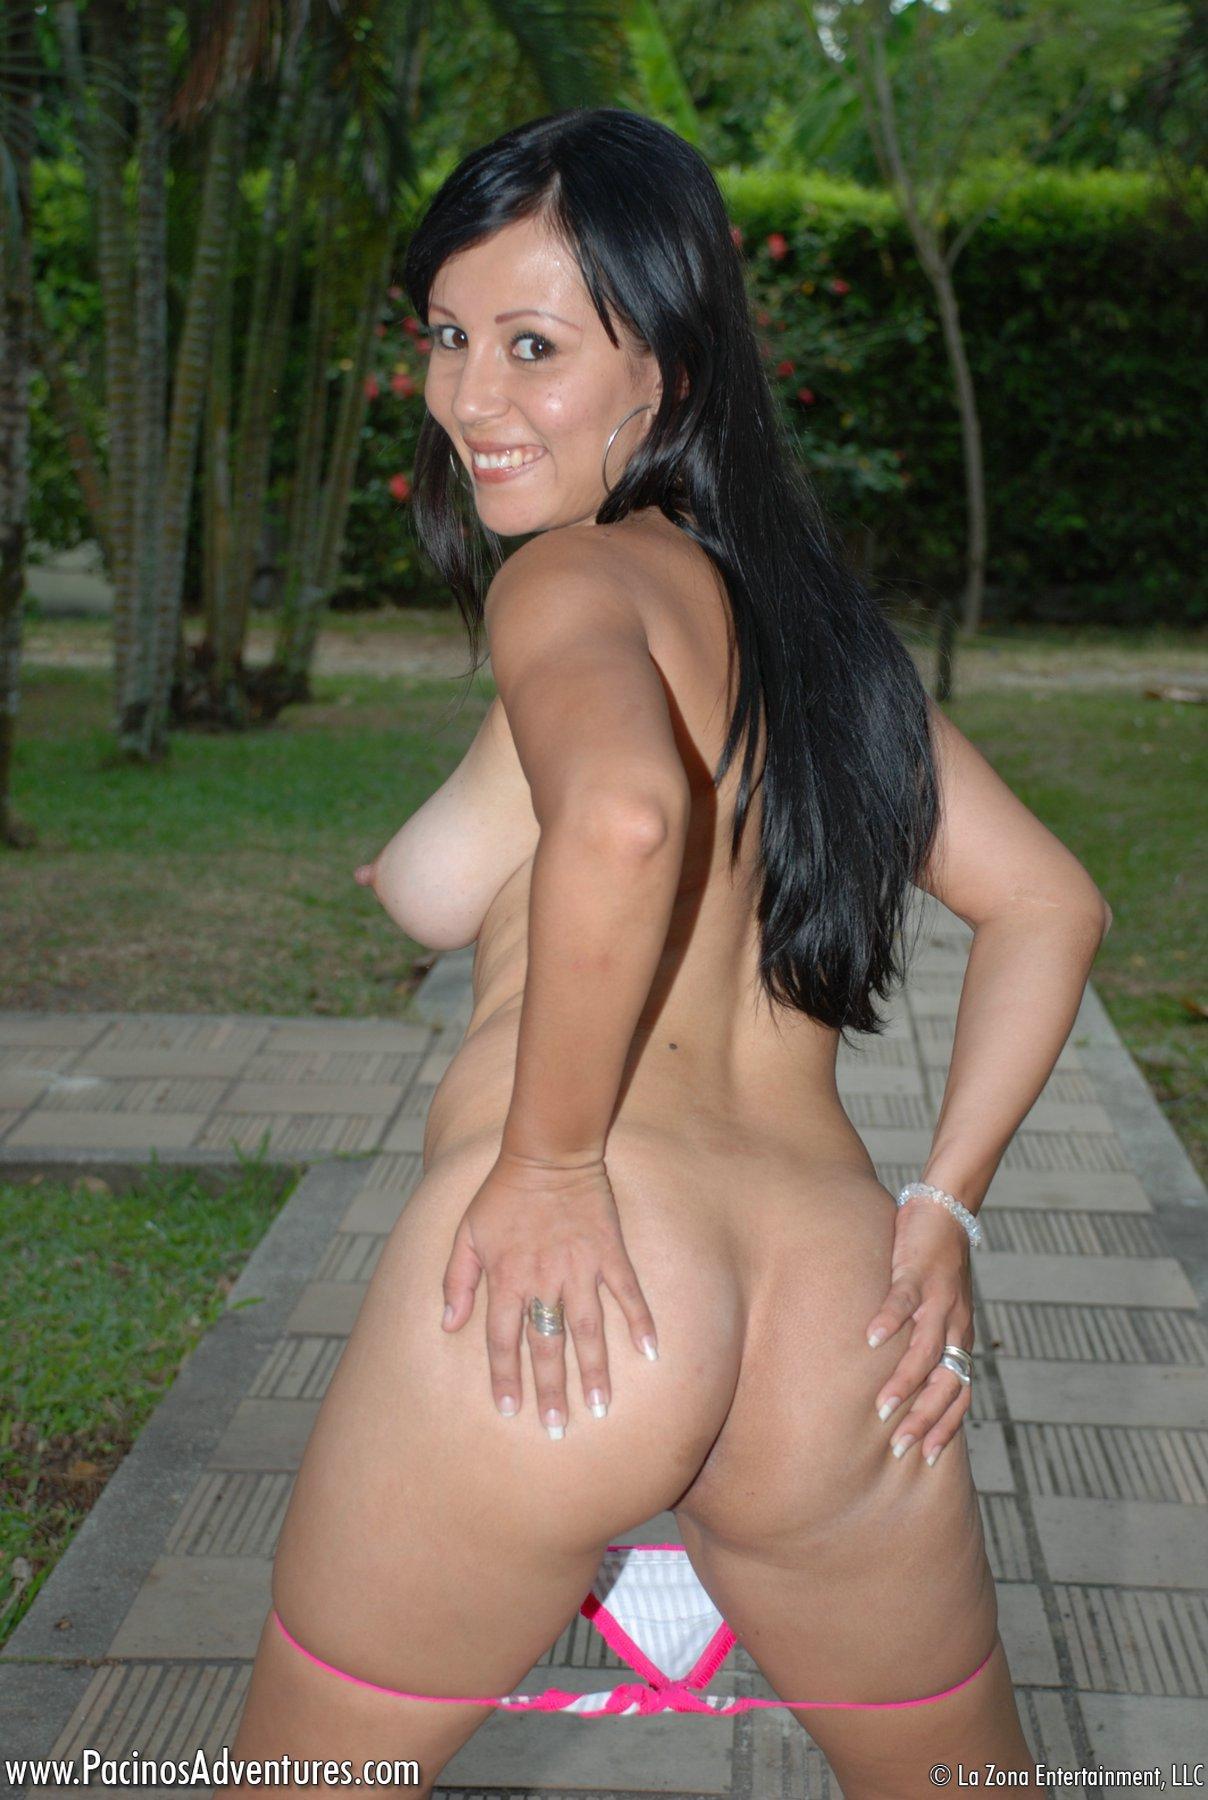 Powerpuff girls nude